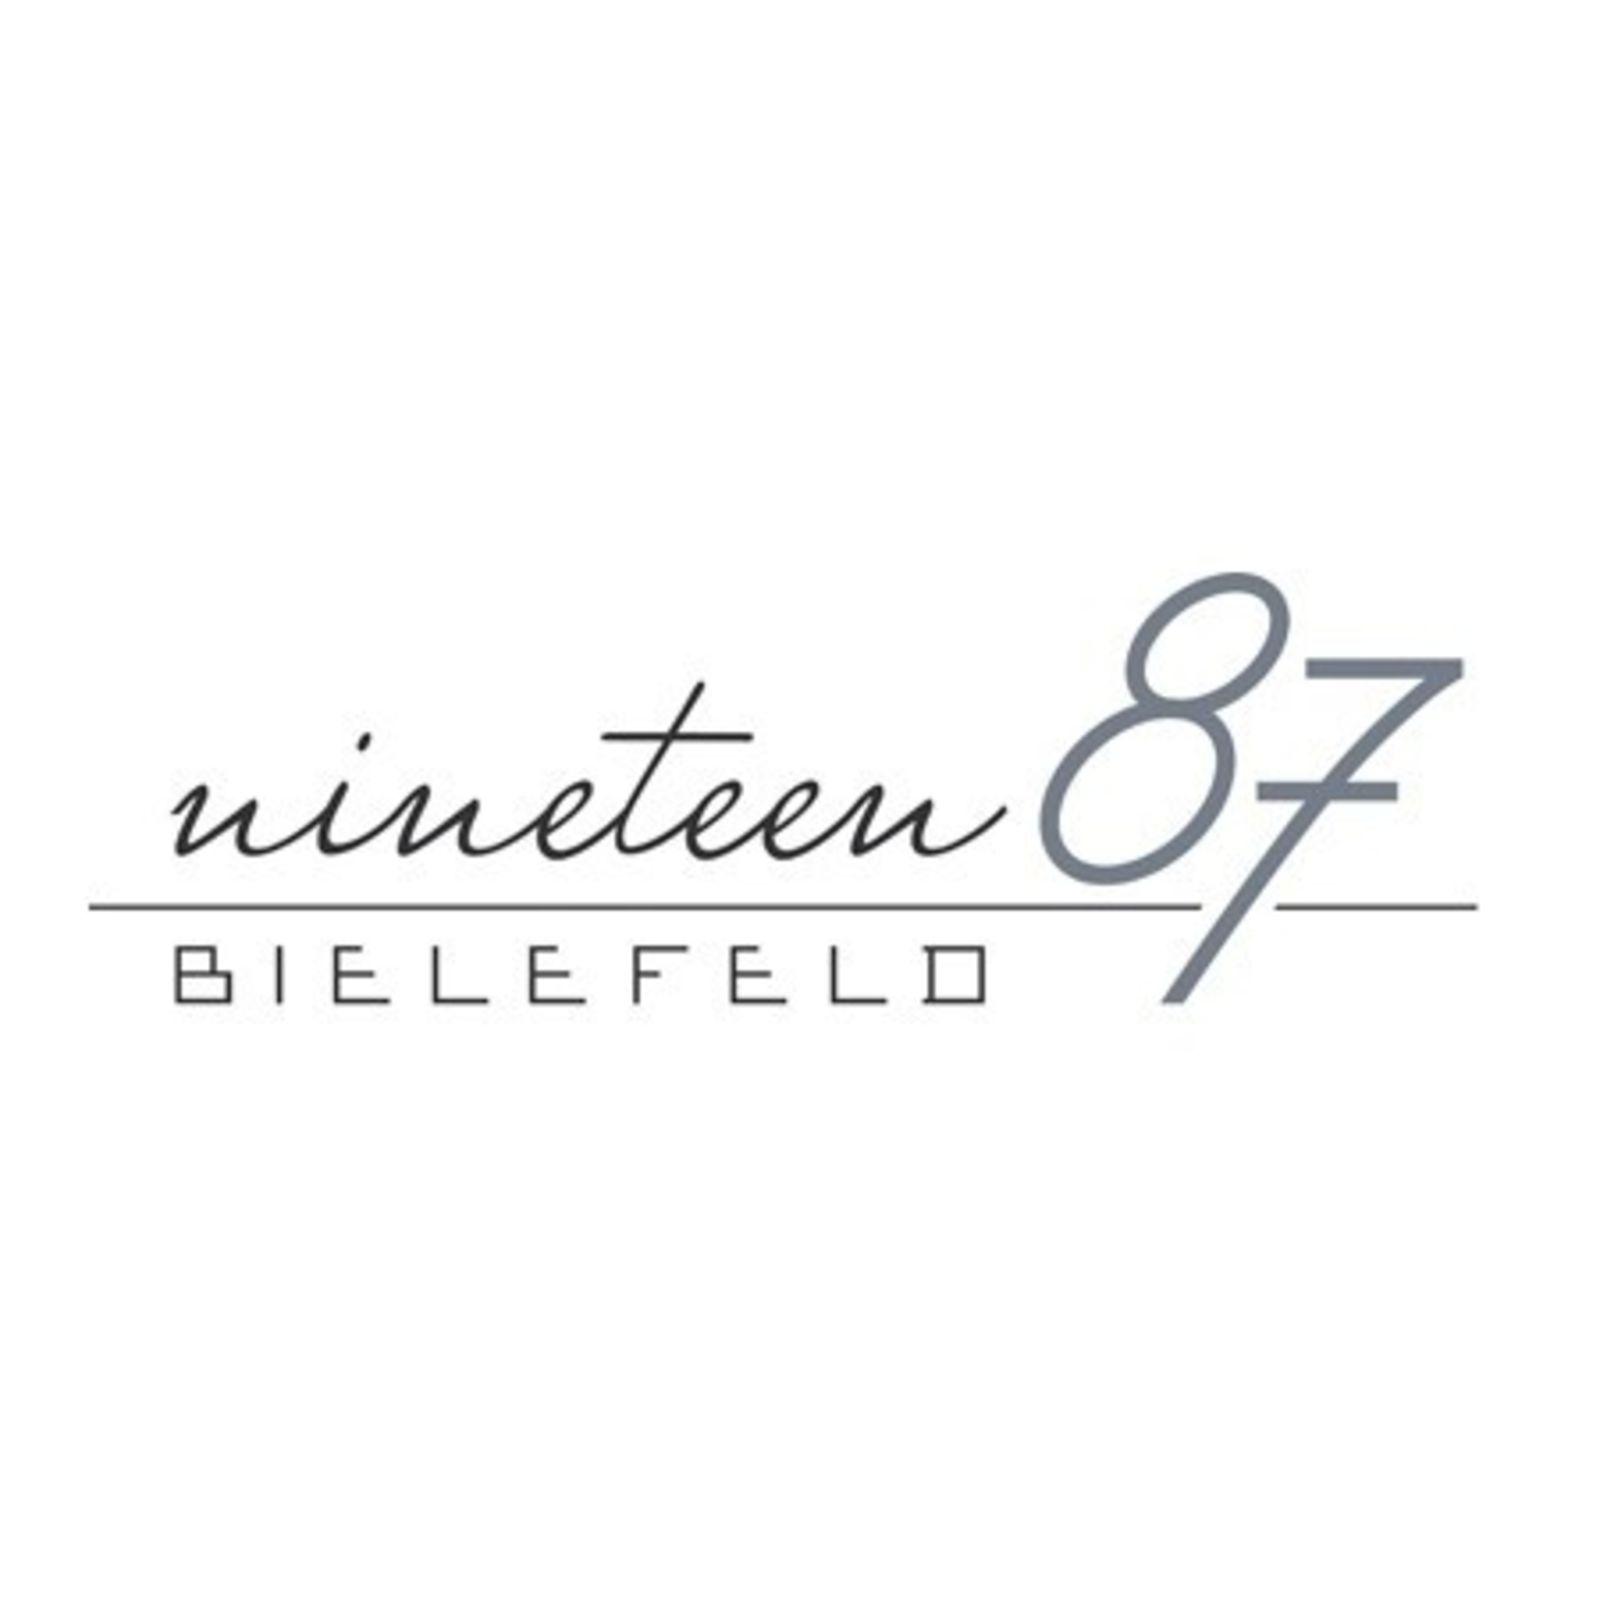 nineteen87 in Bielefeld (Imagen 1)